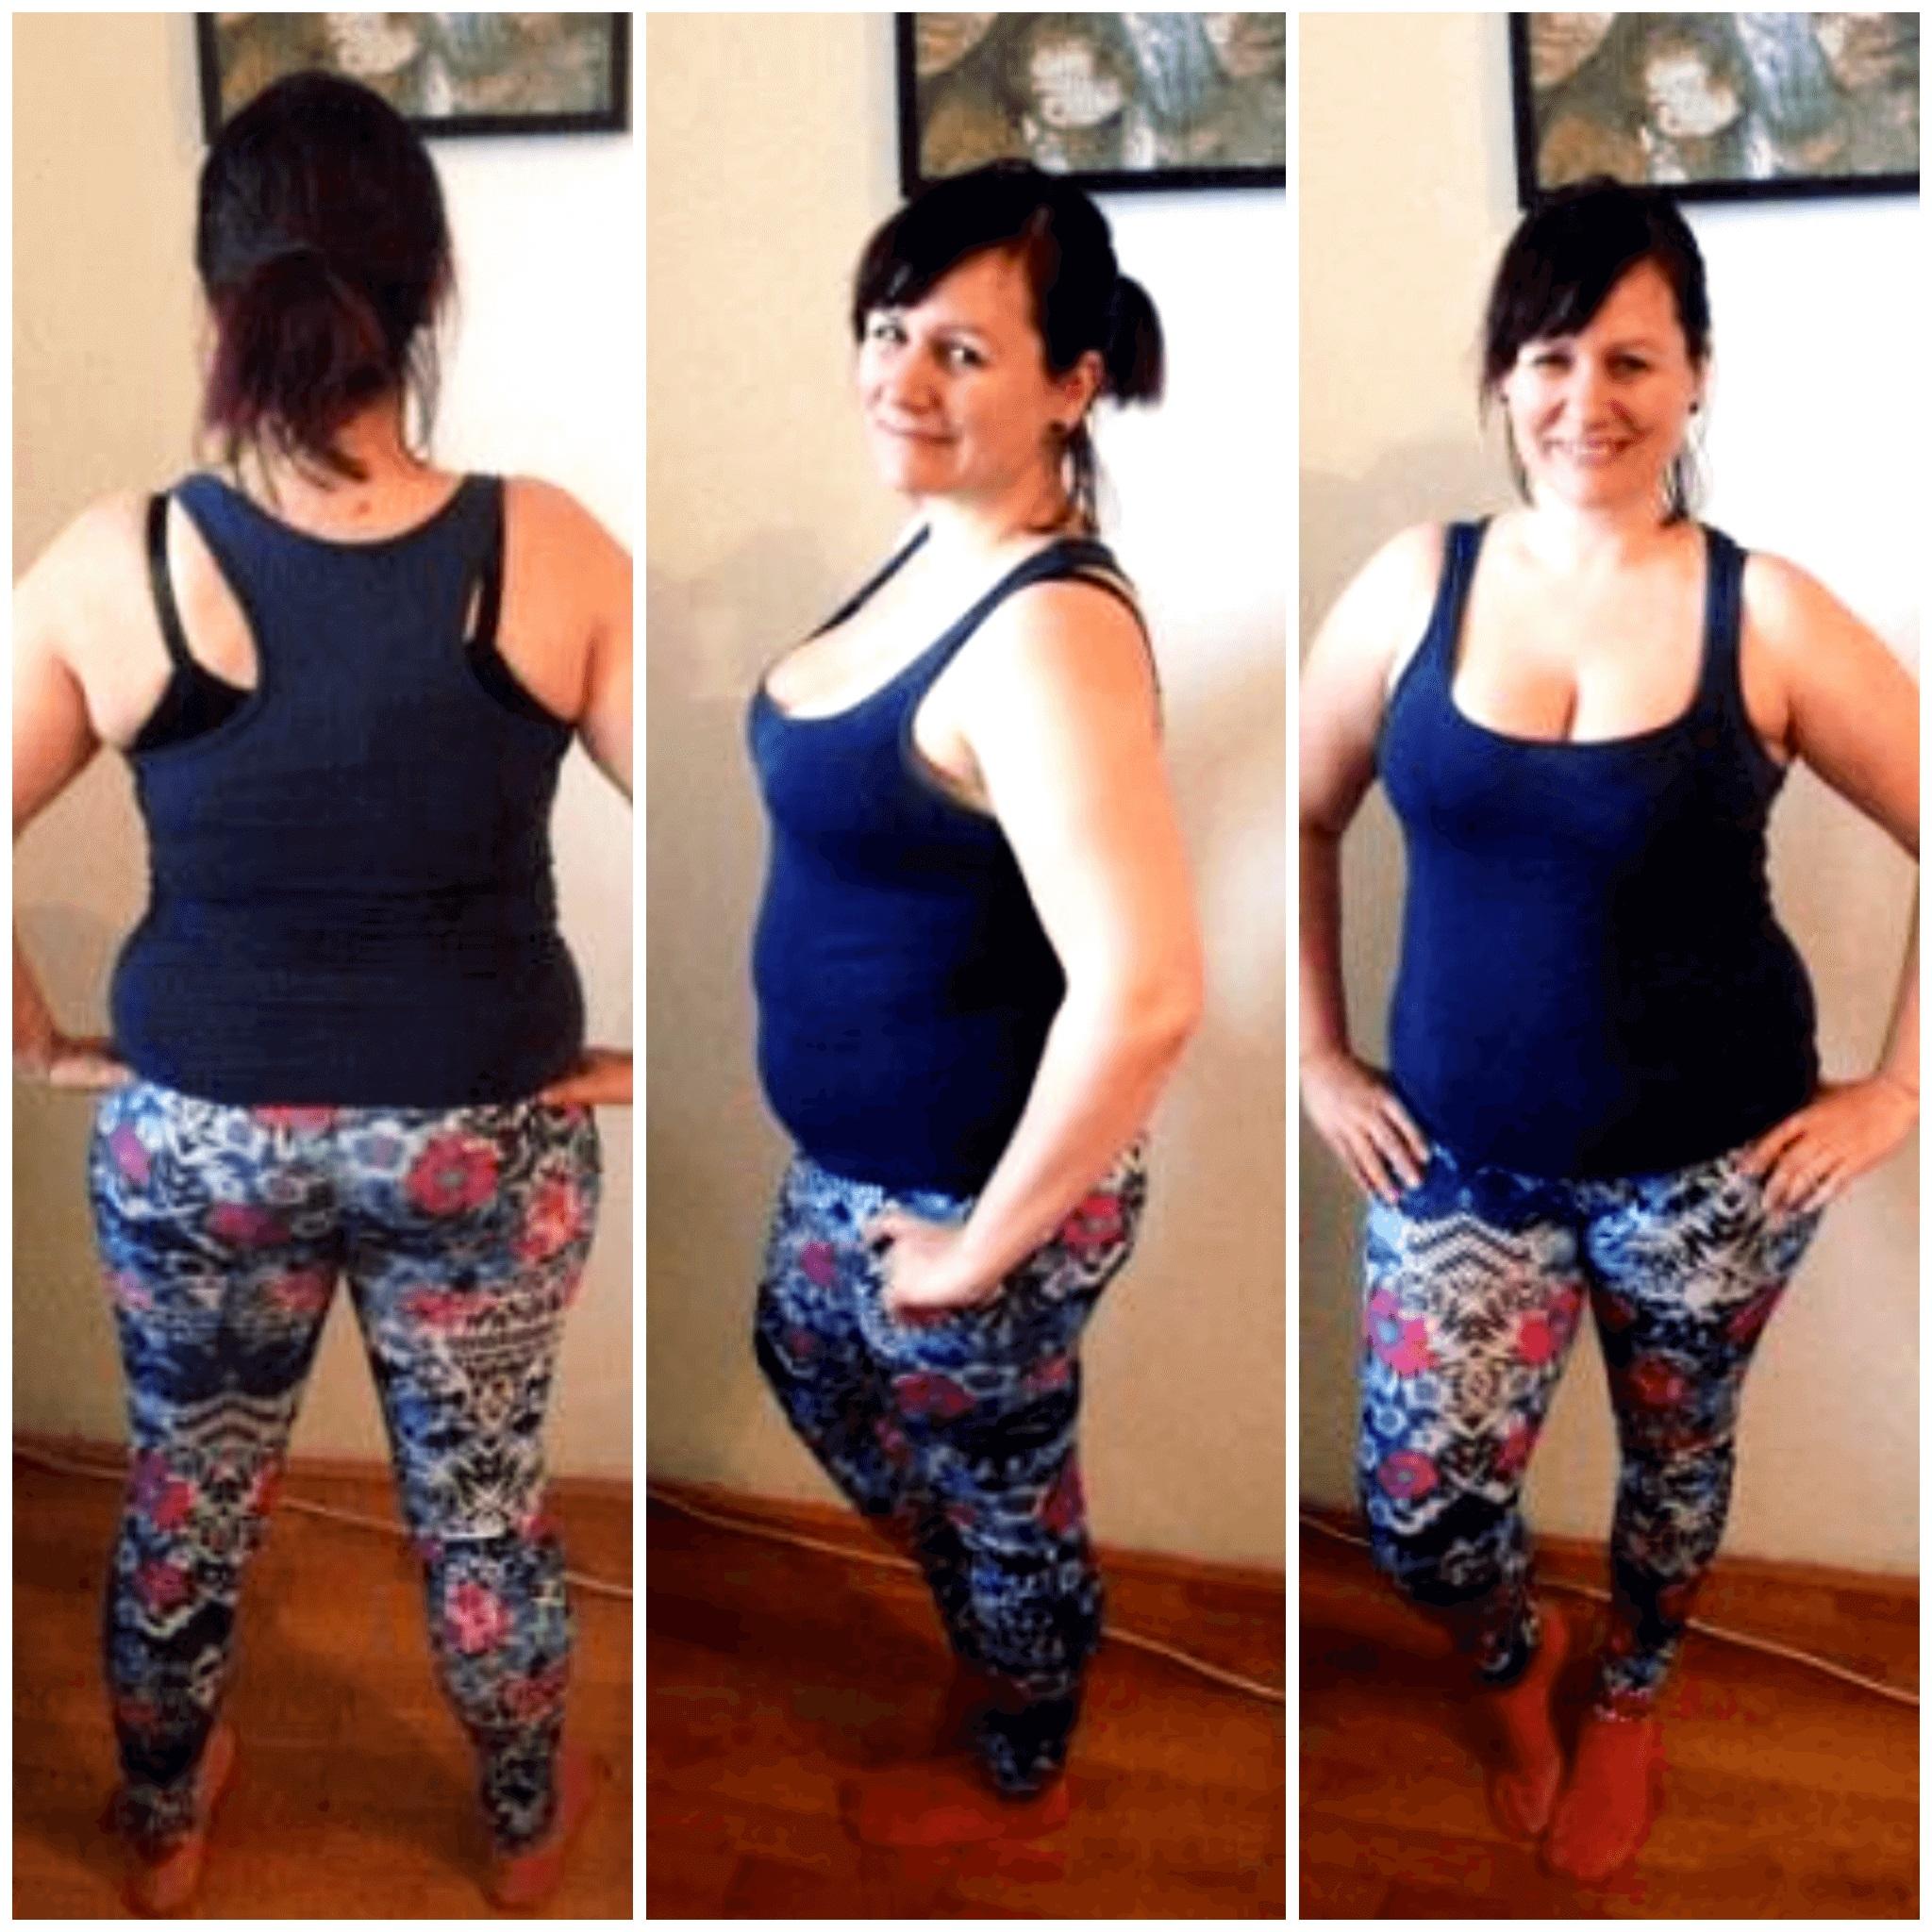 felsők lefogy 31 kg súlycsökkenés